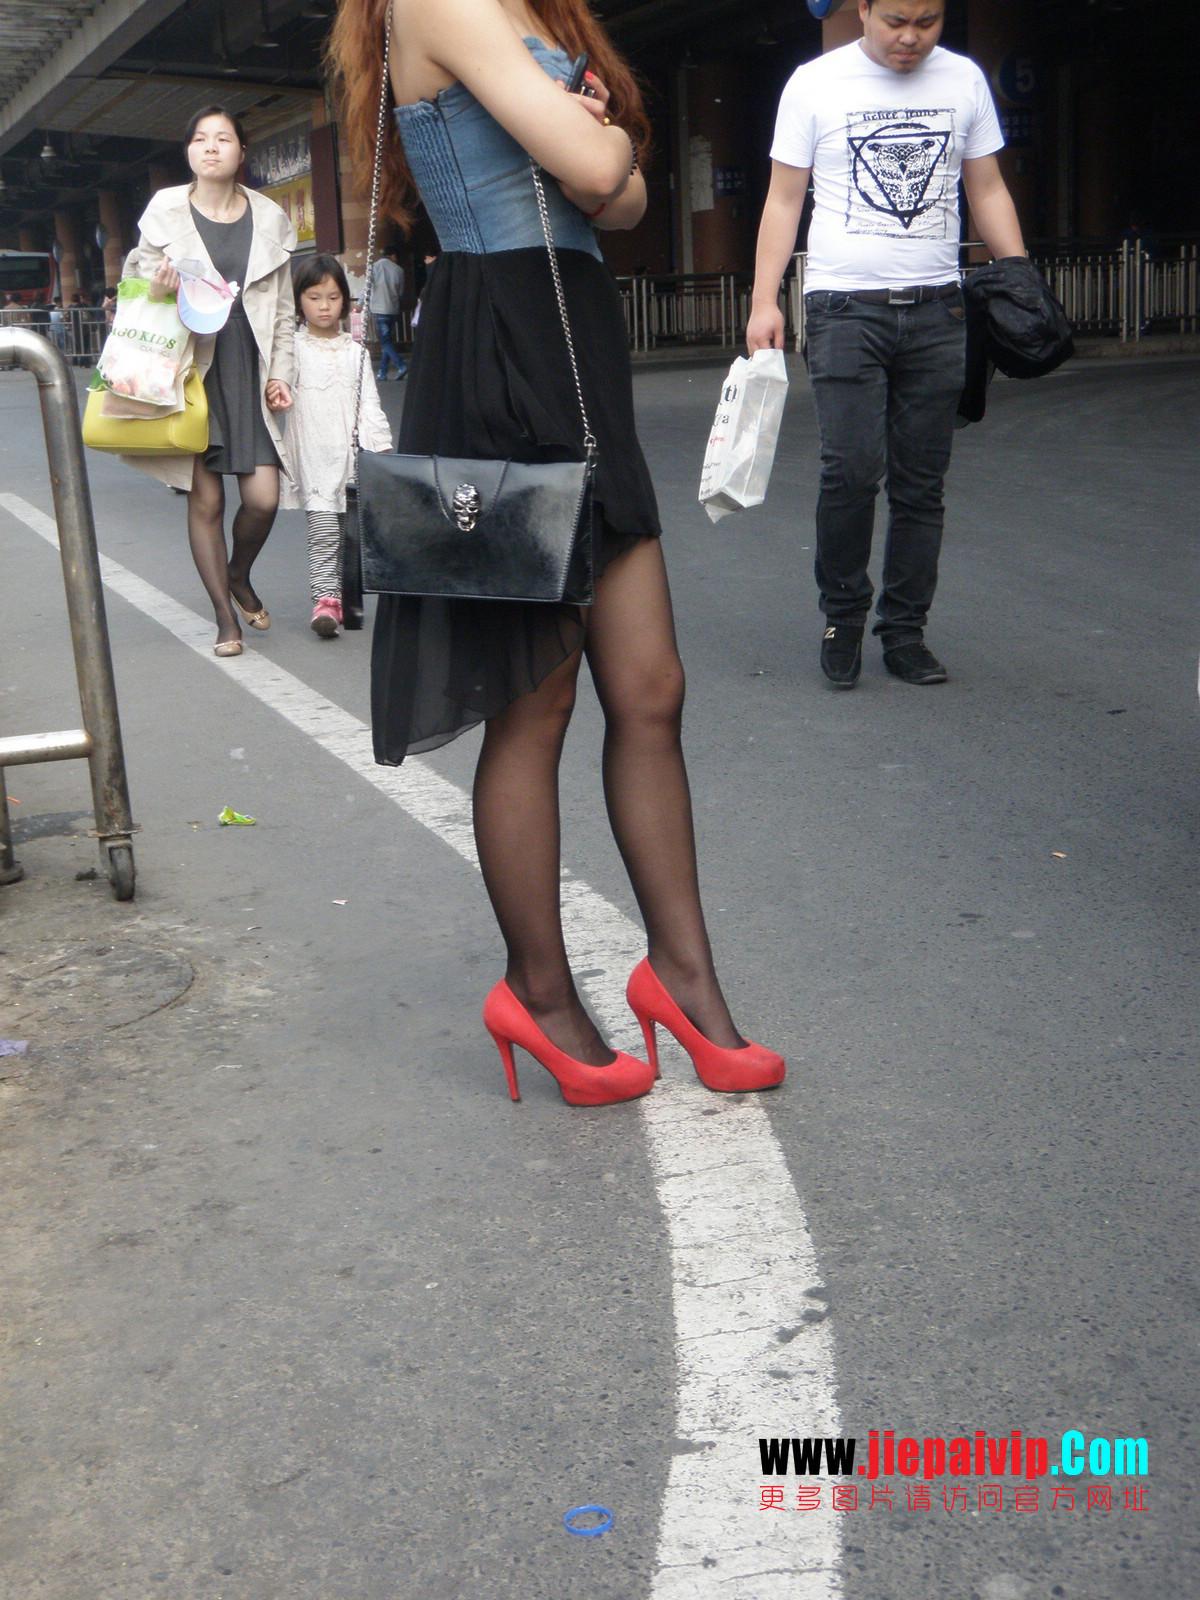 性感的红色高跟鞋黑丝袜美腿女人9